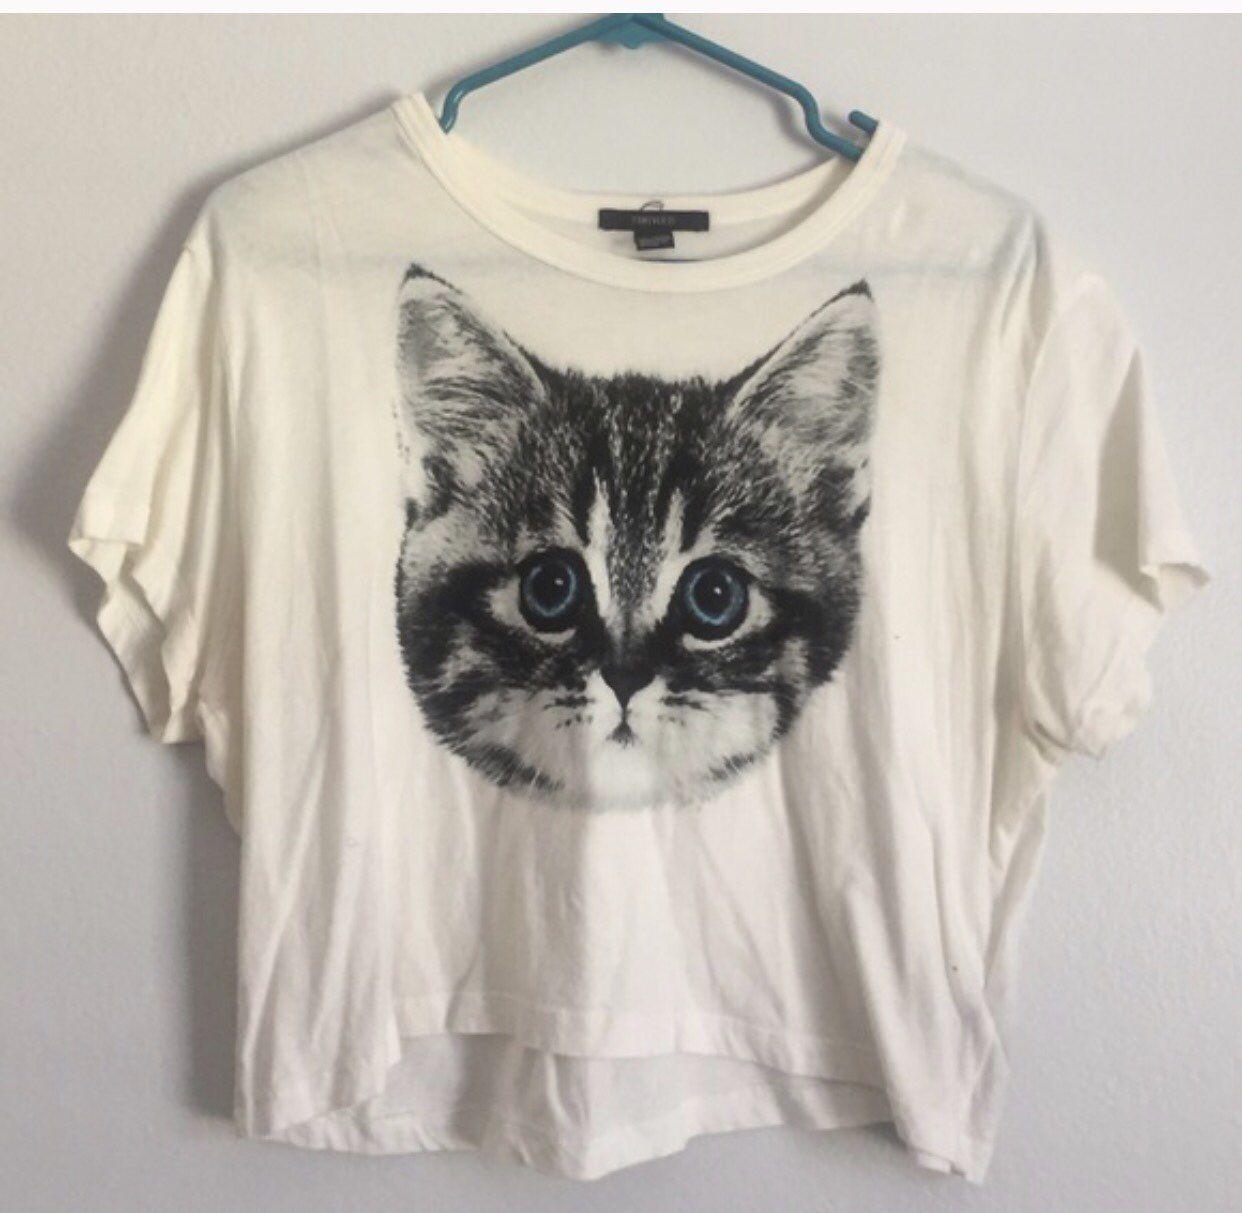 Cat Crop Top Tops Crop Tops Clothes Design